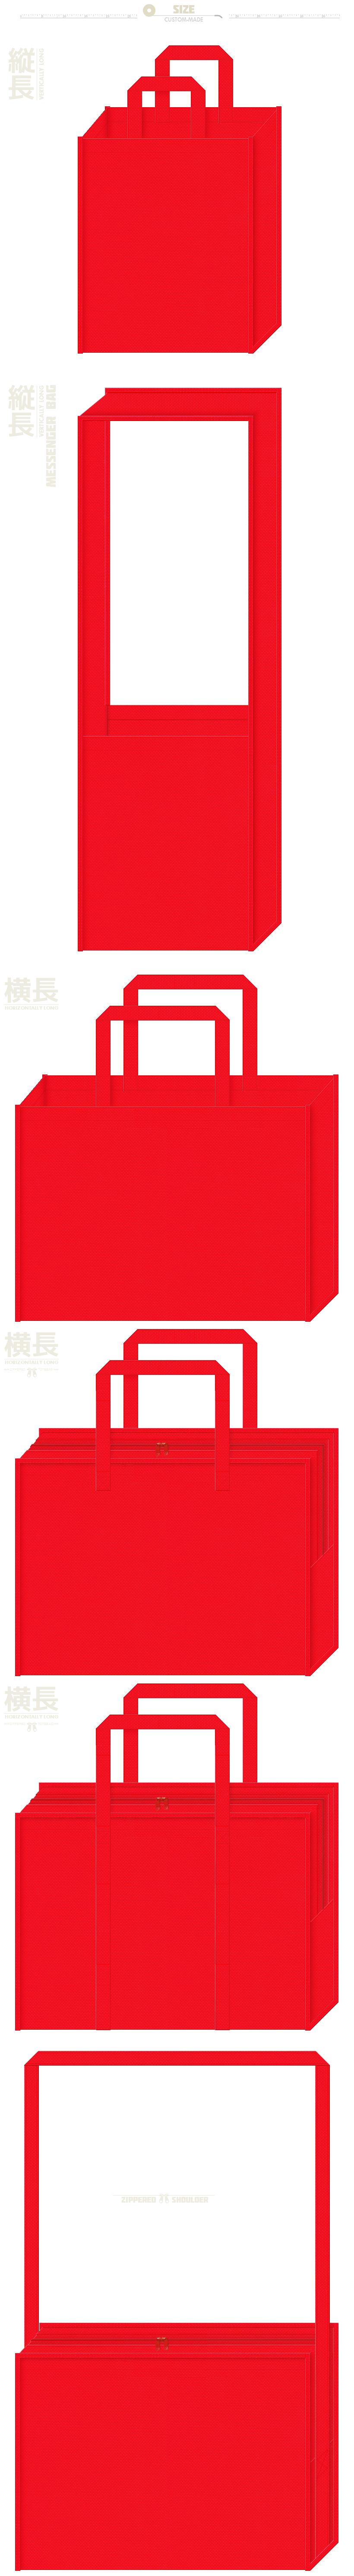 赤色不織布バッグにお奨めのイメージ:太陽・ハイビスカス・チューリップ・紅葉・ハート・カーネーション・母の日・還暦・スイカ・イチゴ・トマト・ケチャップ・金魚・暖房・消防・クリスマス・赤鬼・赤備え・お正月・福袋